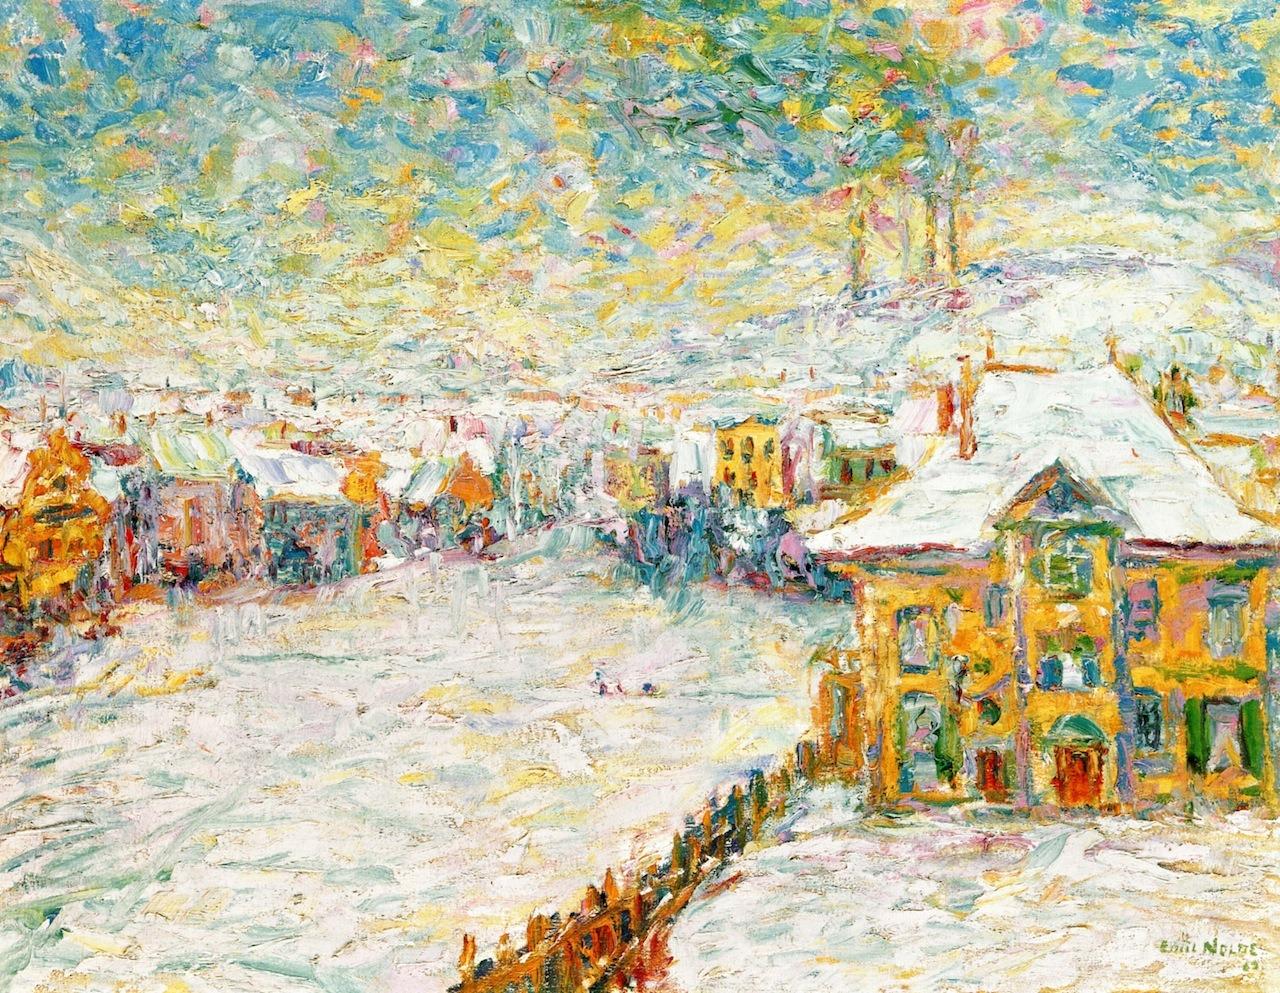 dappledwithshadow:Winter Landscape, JenaEmil Nolde - 1907